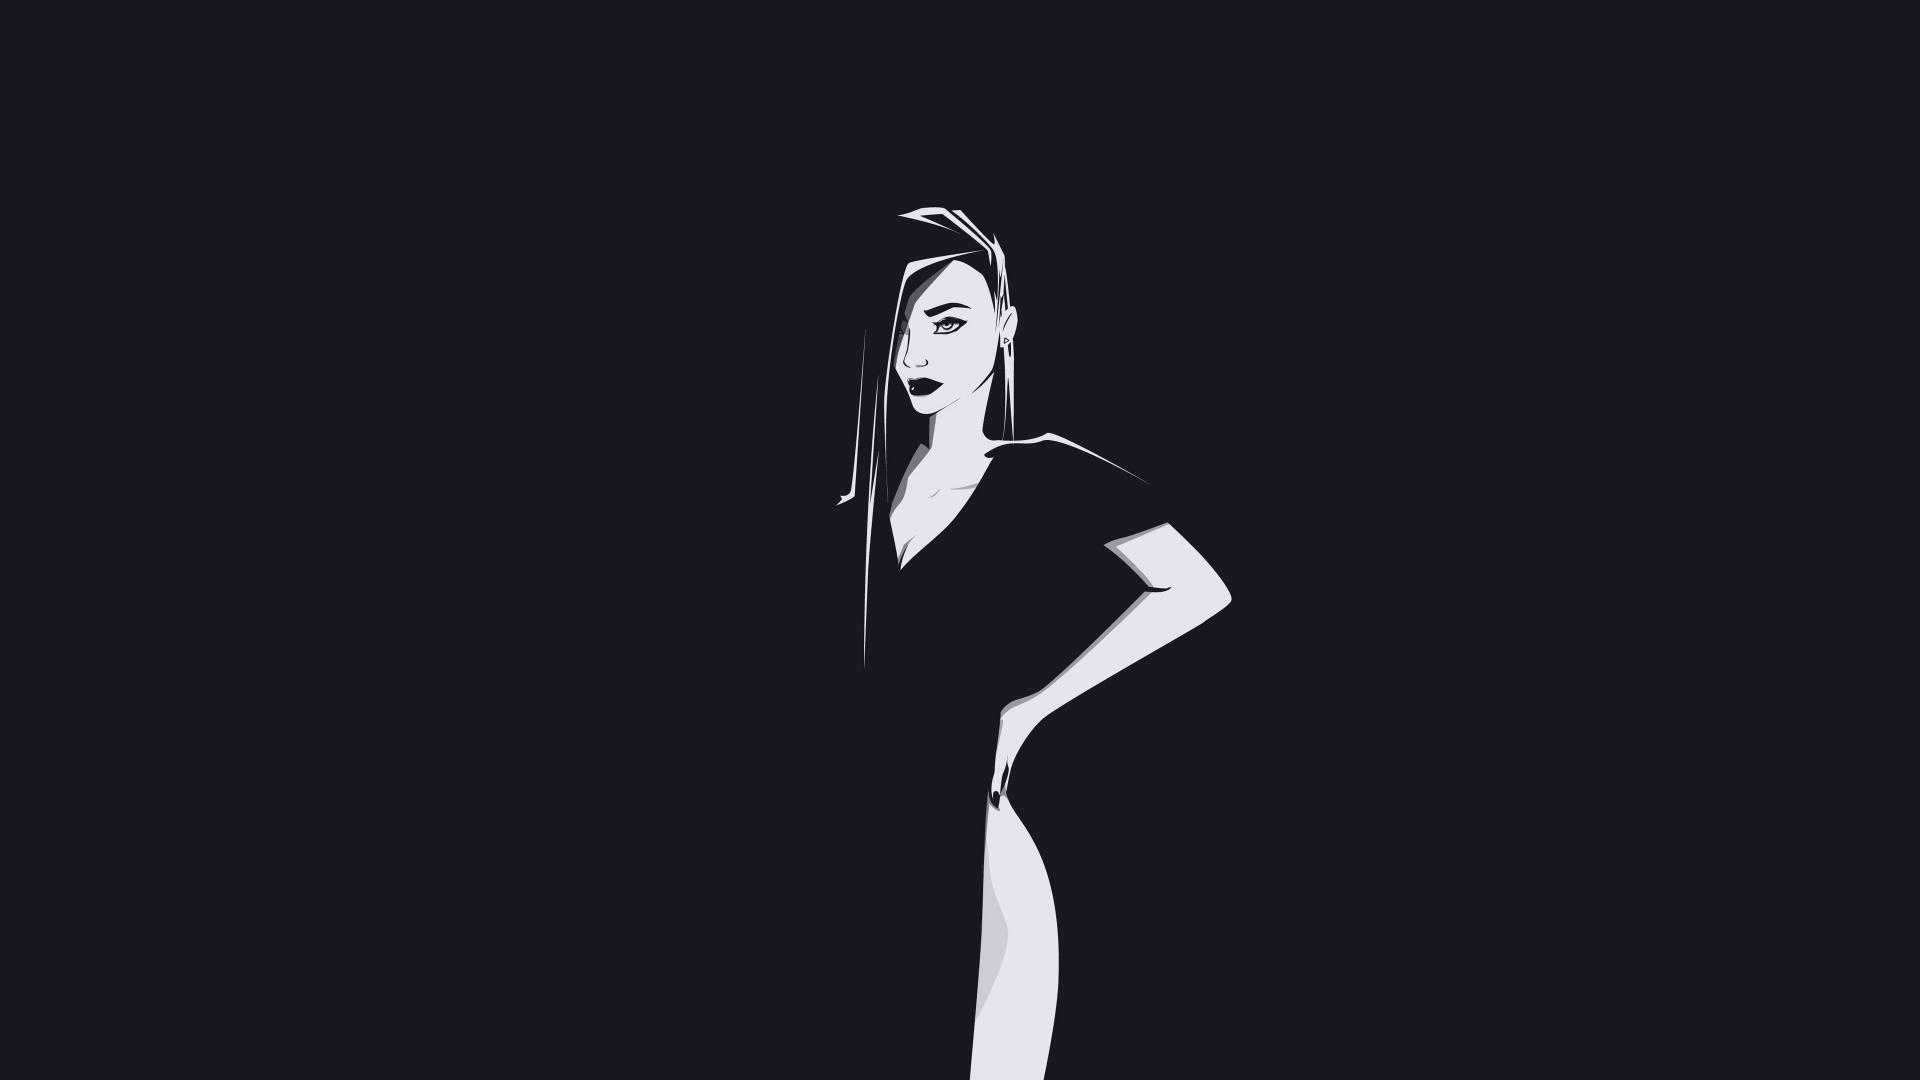 Minimal, urban woman, art, 1920x1080 wallpaper